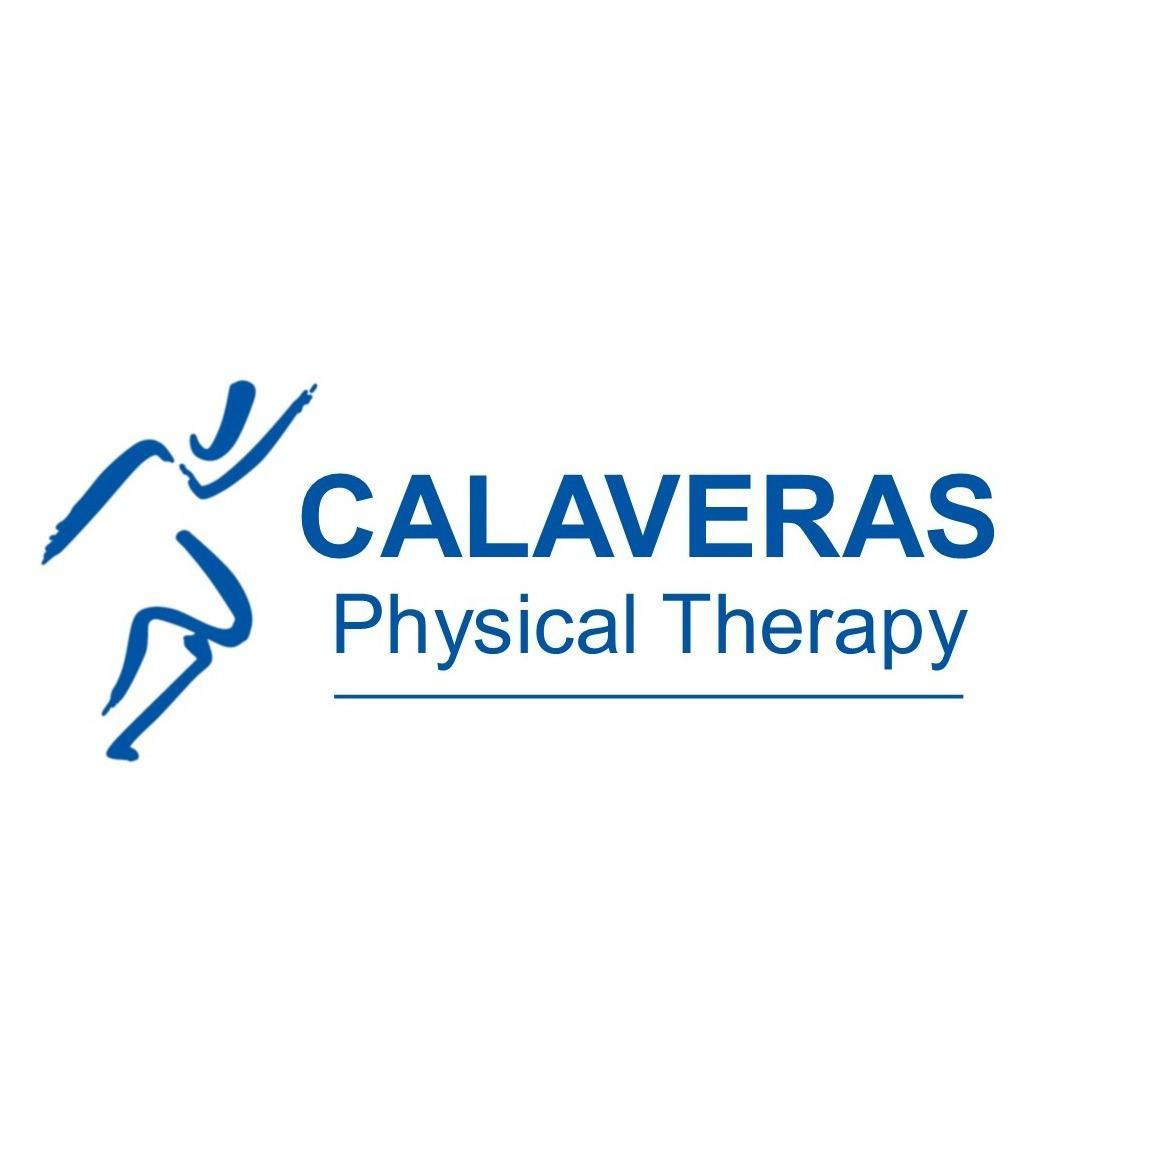 Calaveras Physical Therapy